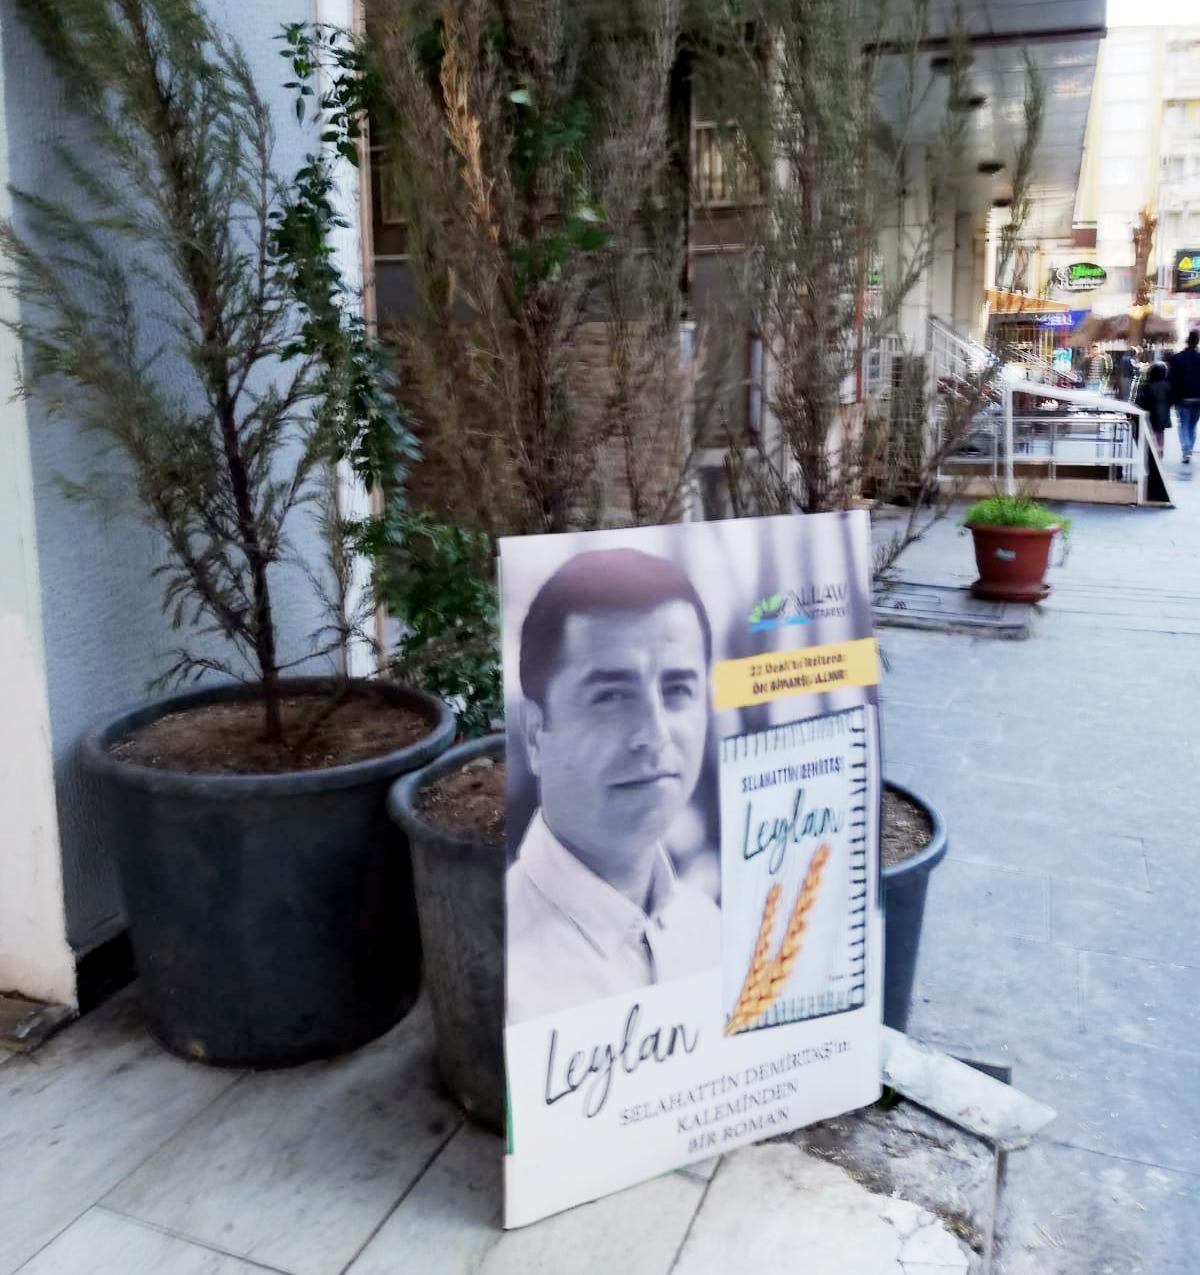 """Demirtaş'tan yeni bir eser: """"Leylan"""""""